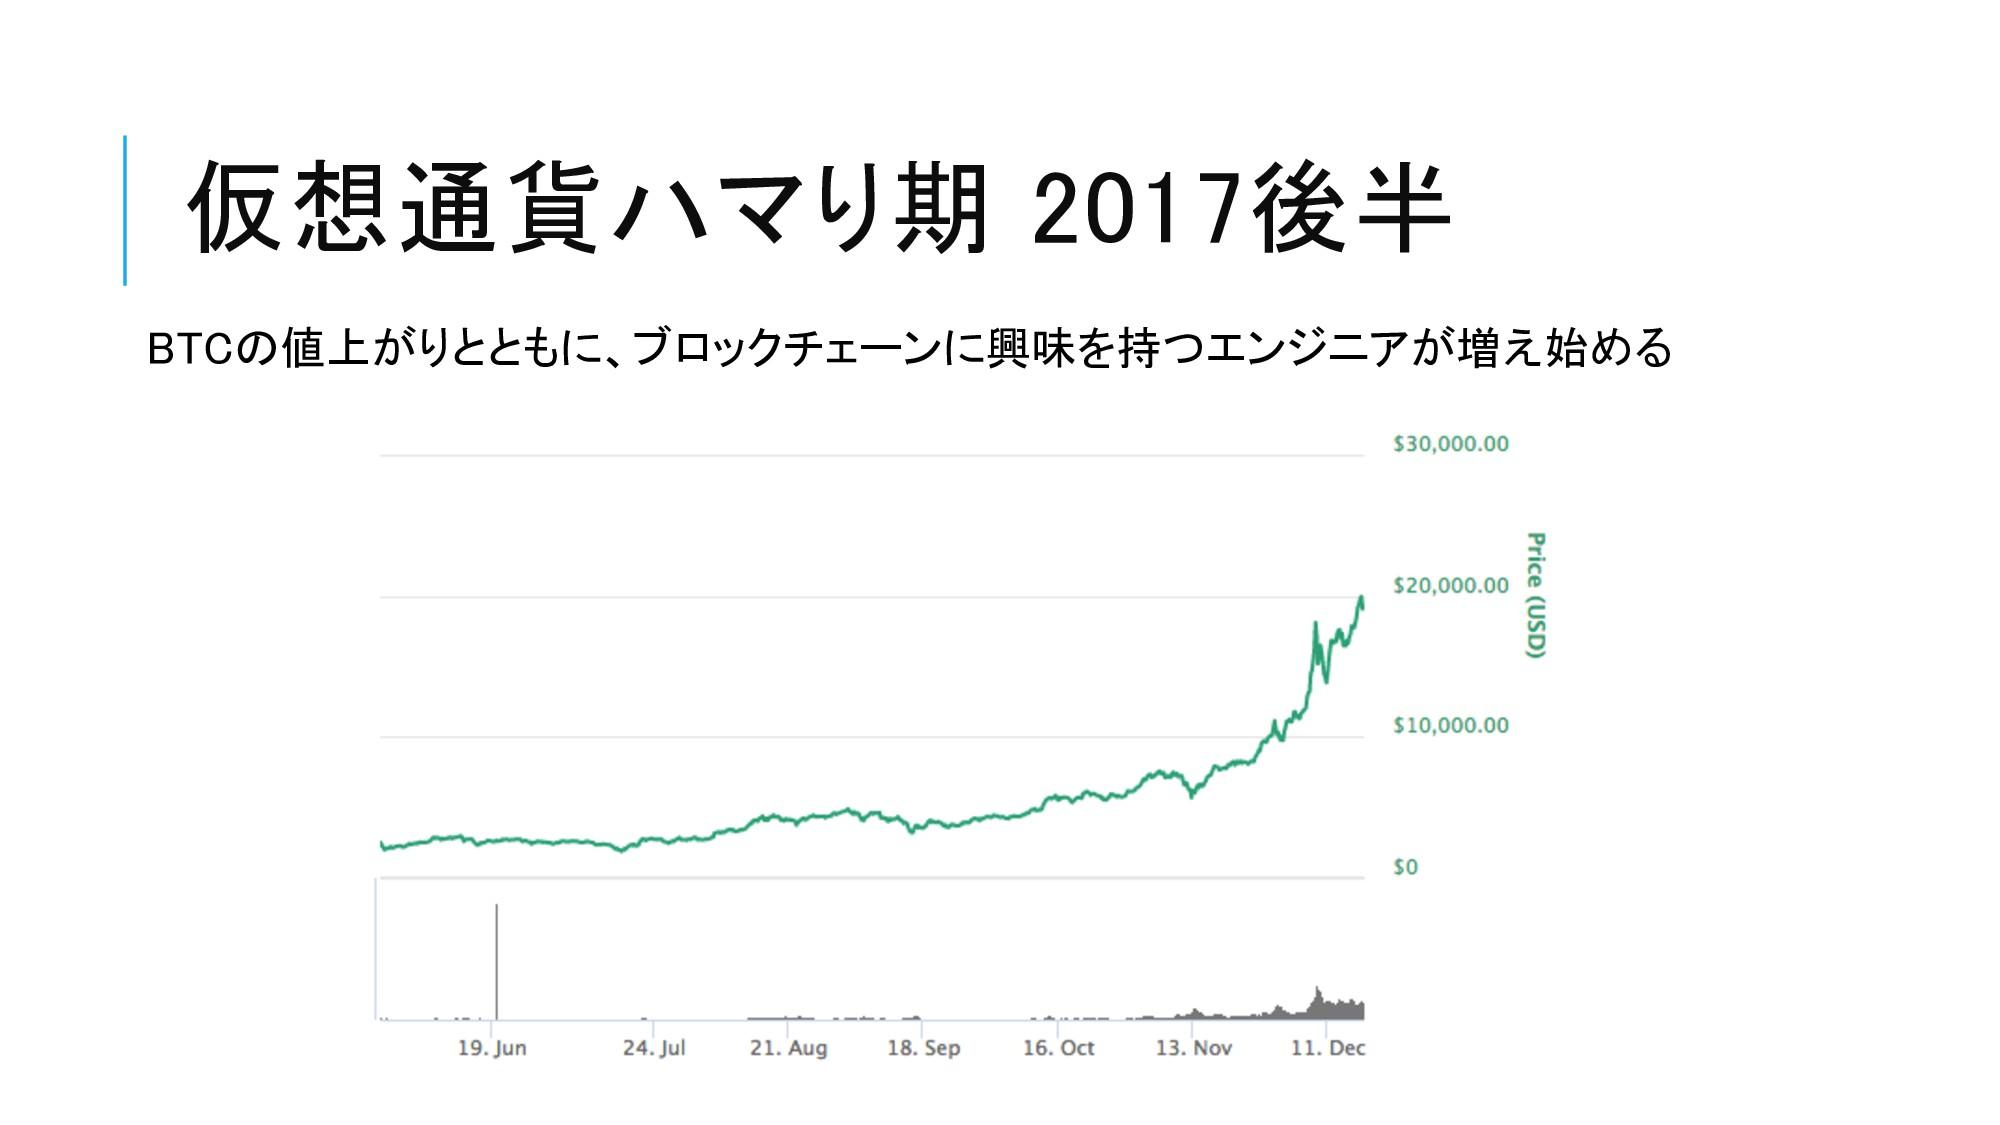 仮想通貨ハマり期 2017後半 BTCの値上がりとともに、ブロックチェーンに興味を持つエンジニ...